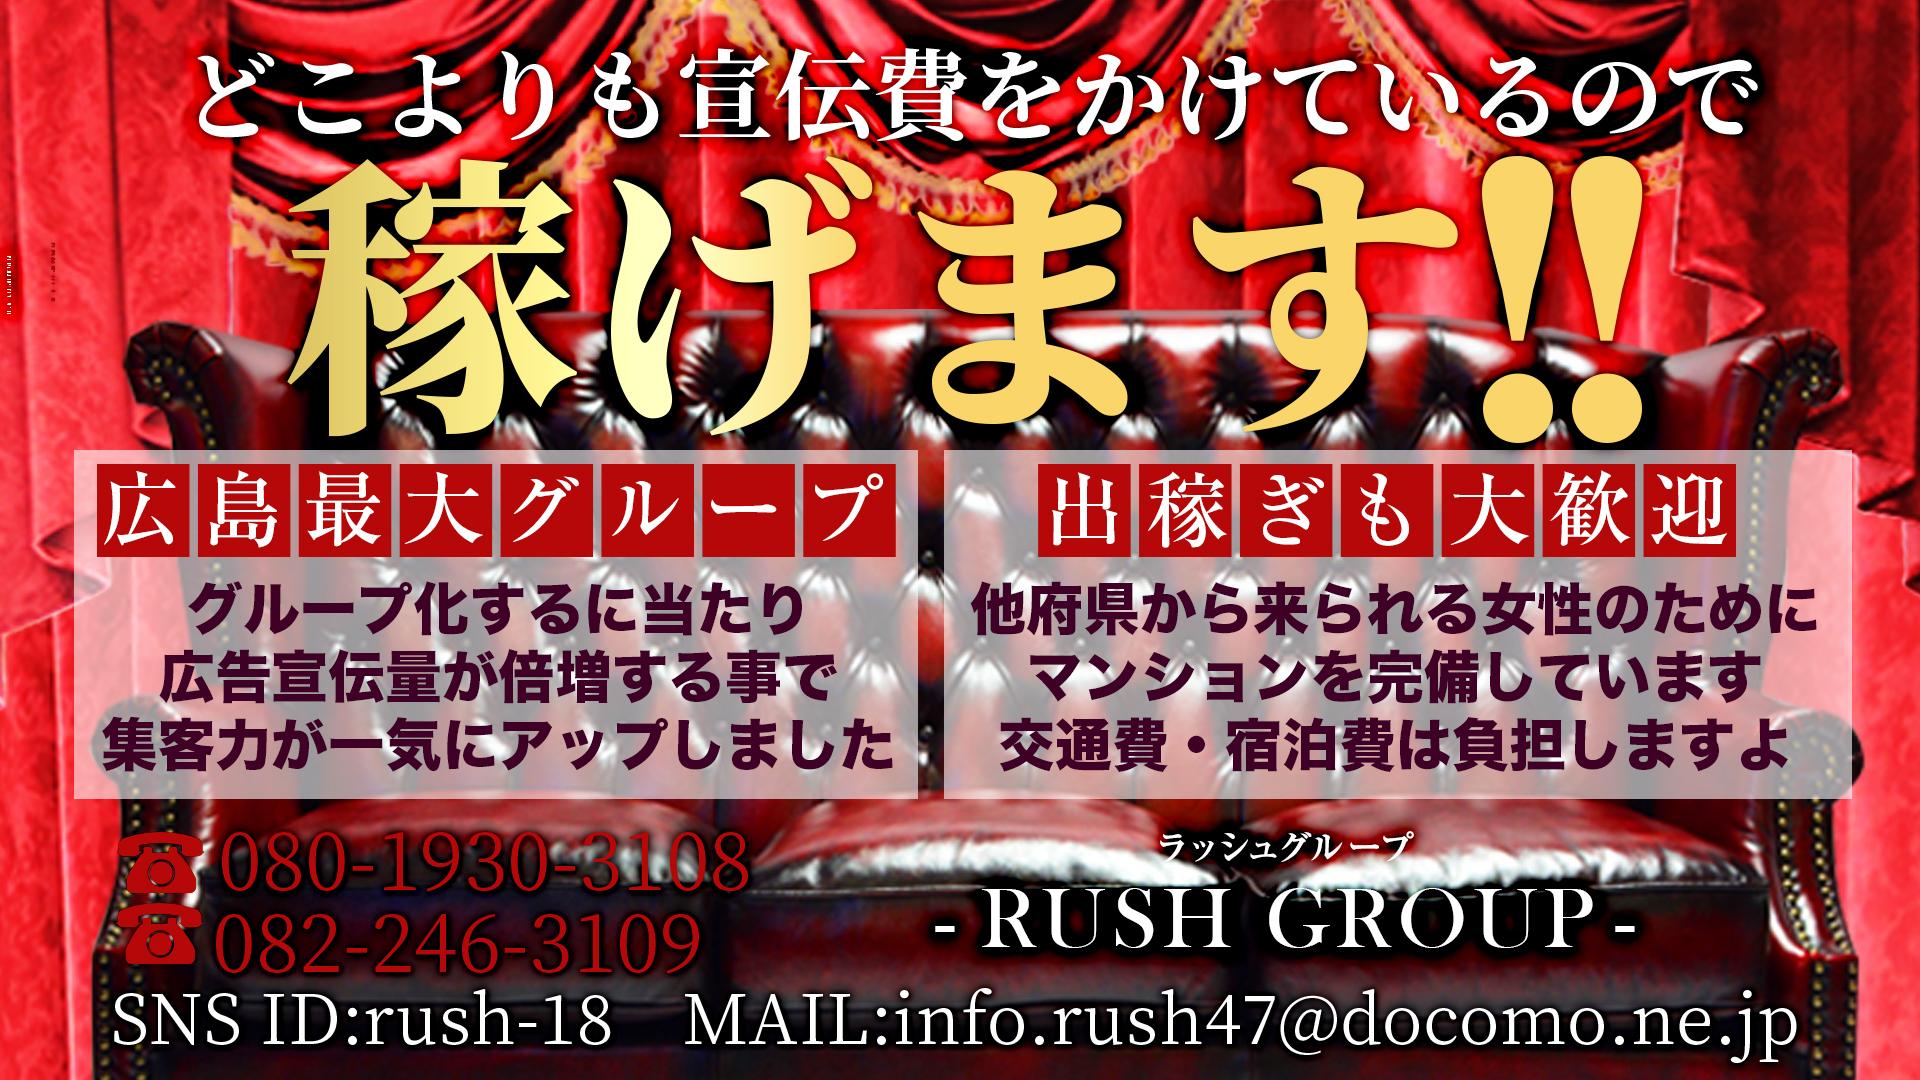 RUSH(RUSH ラッシュグループ)